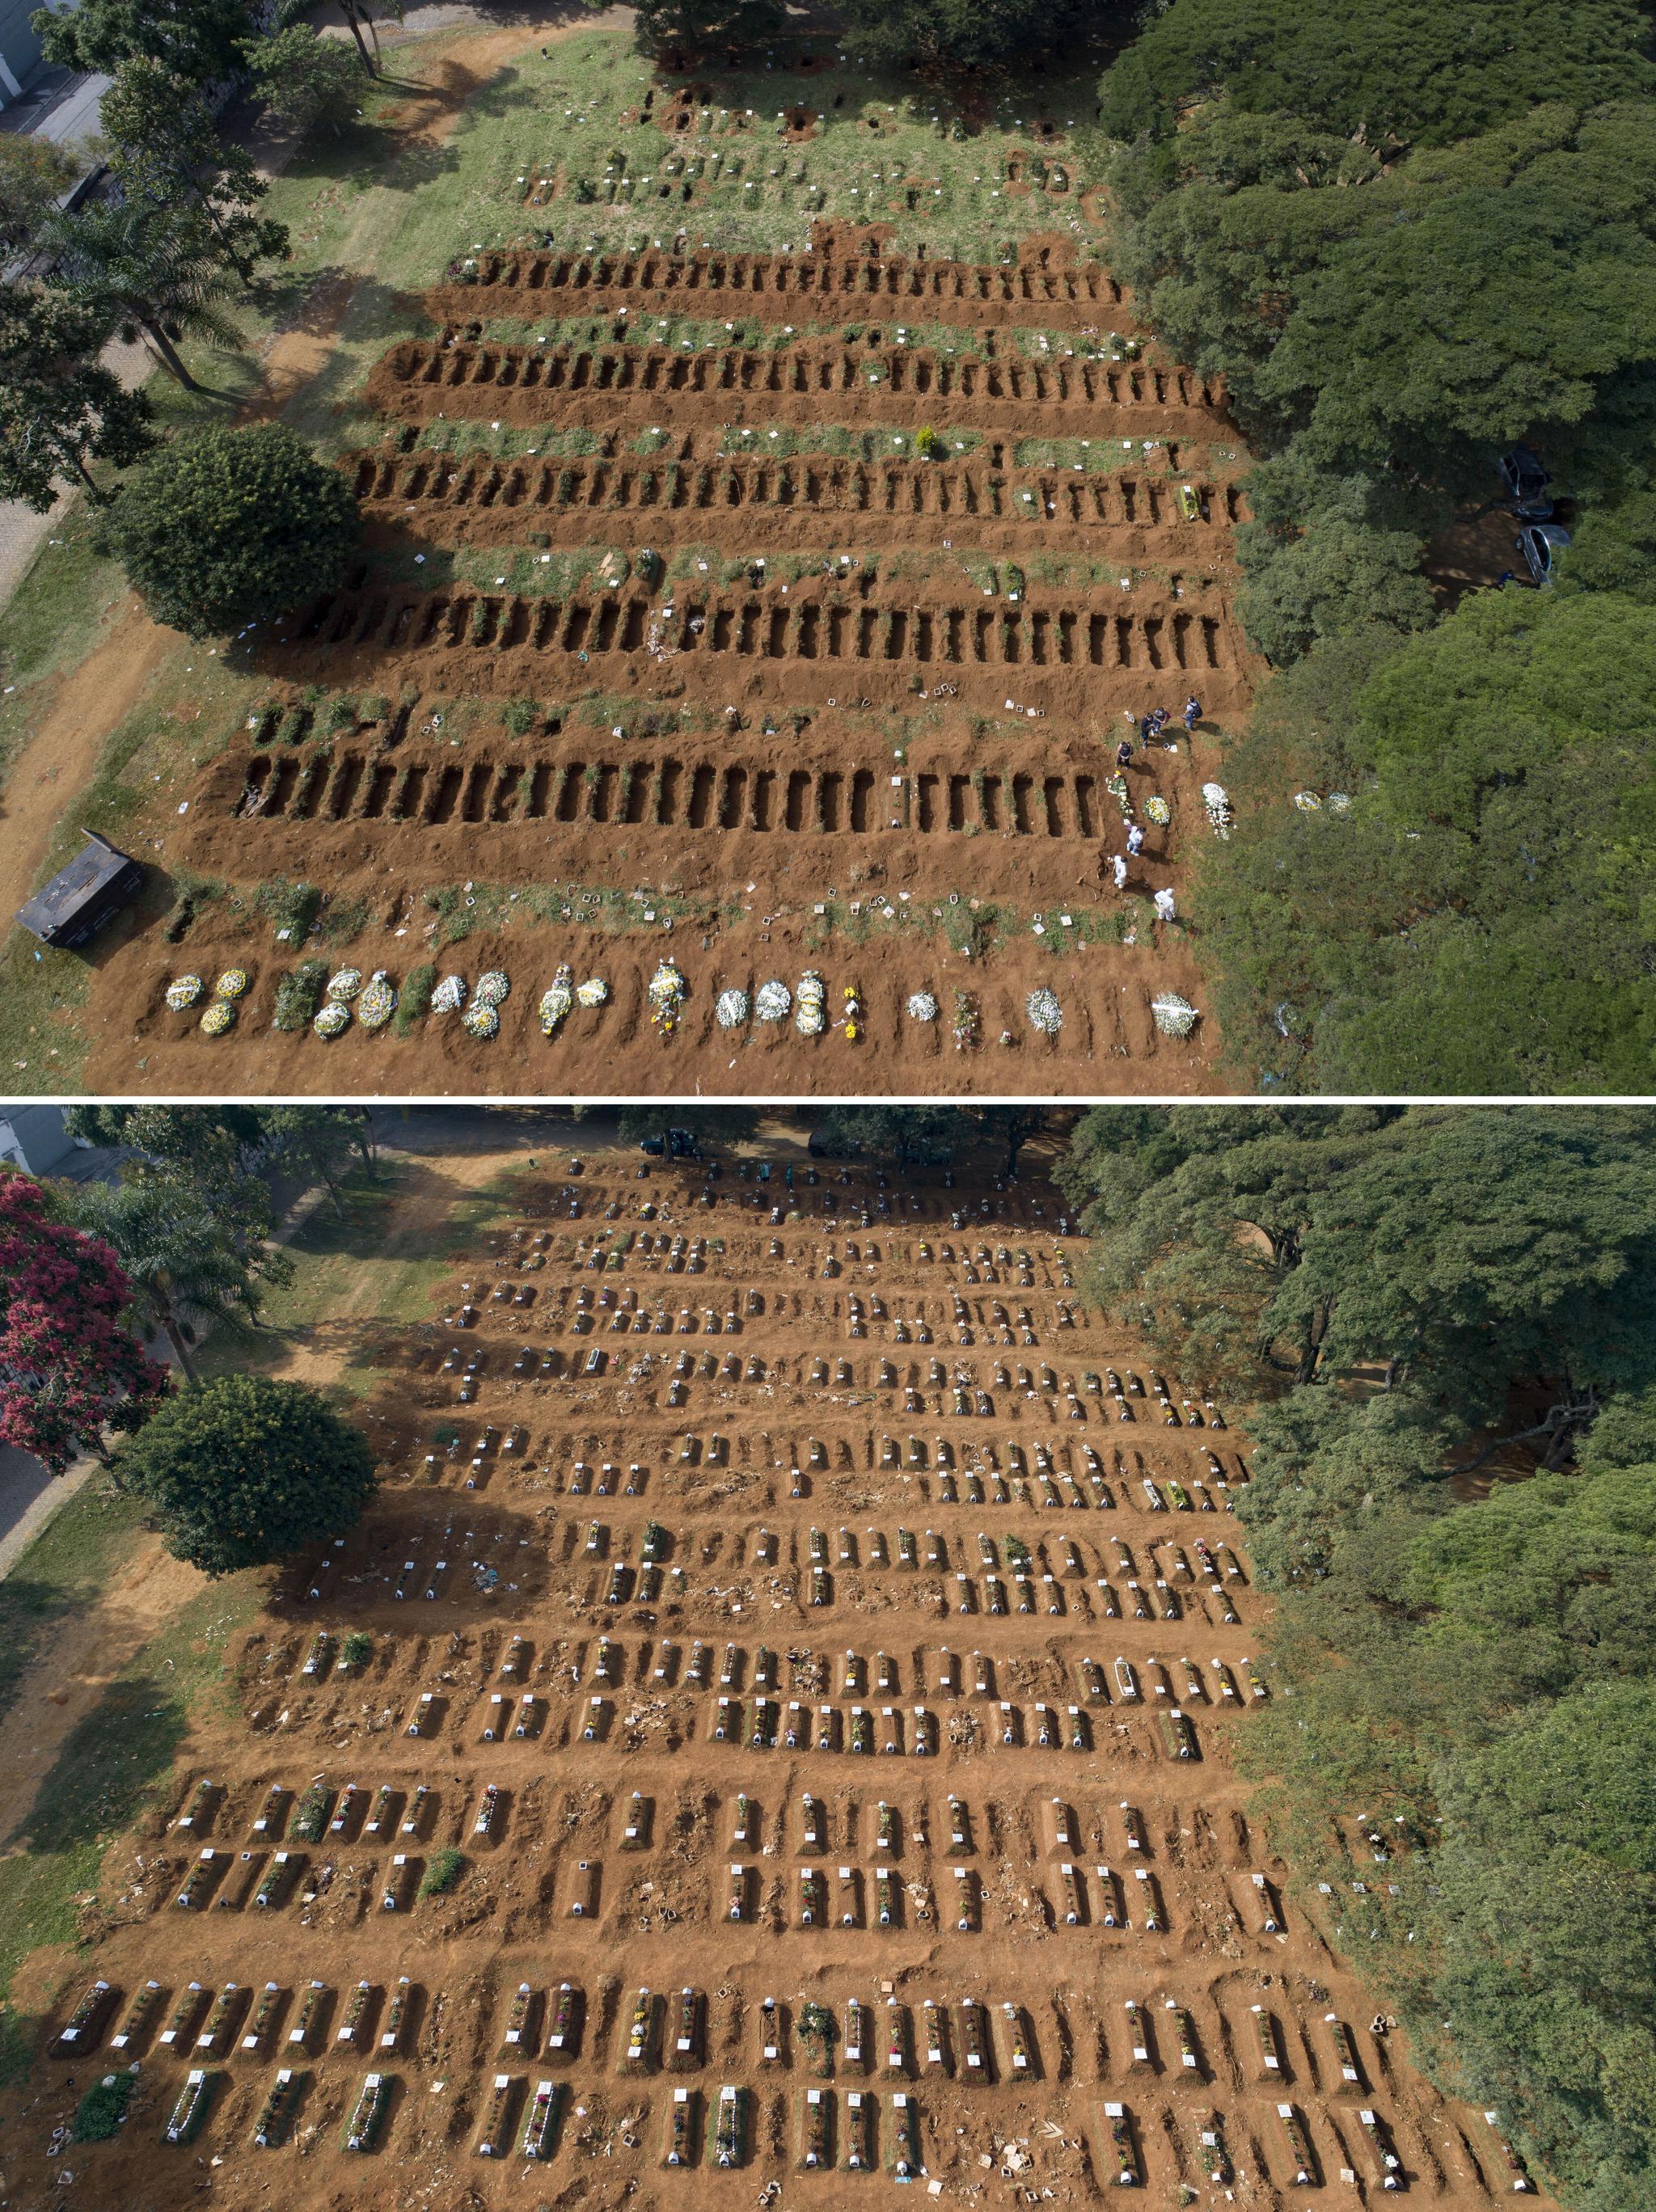 브라질에서 코로나19가 기승을 부리고 있는 가운데 지난 한 달 간 숨진 이들의 무덤이 상파울루의 빌라포르모사 공동묘지 신설 묘역을 가득 메우고 있다. 지난 4월1일 텅 빈 구덩이만 가득했던 브라질 상파울루의 빌라포르모사 공동묘지가 한 달 가량 후인 30일(아래 사진) 빼곡하게 메워져 있다. [AP=연합뉴스]